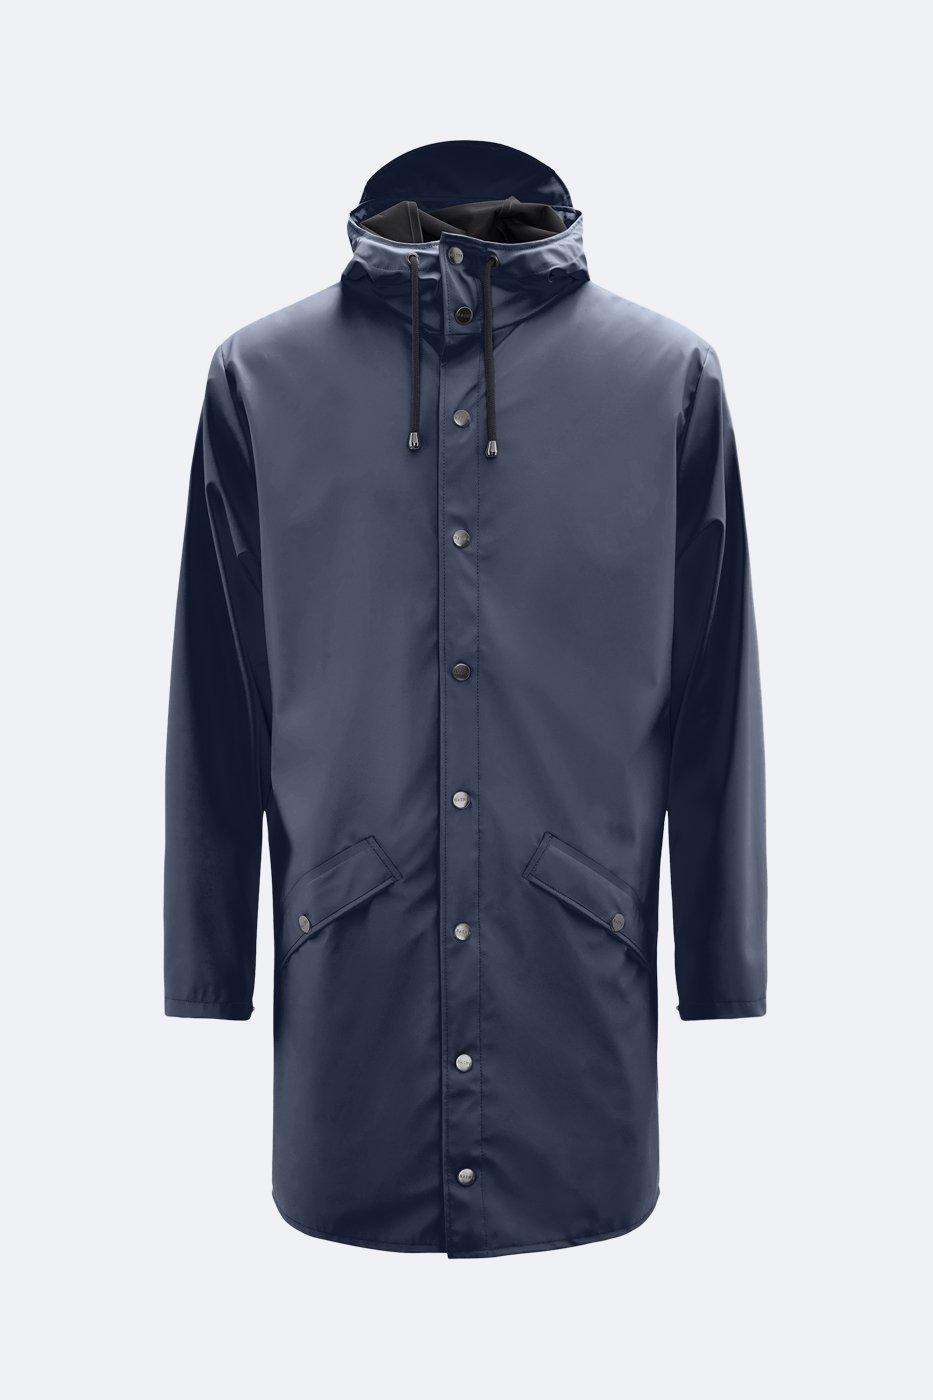 Rains Long Jacket blau unisex M/L